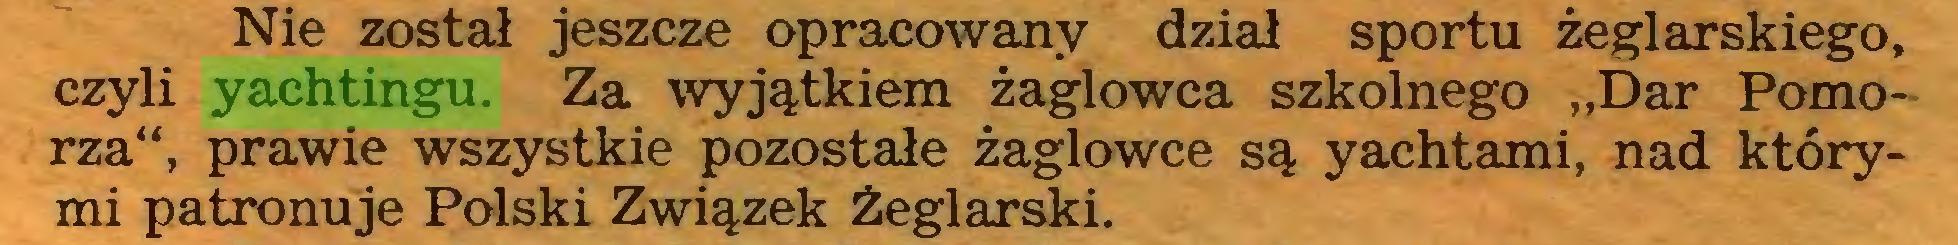 """(...) Nie został jeszcze opracowany dział sportu żeglarskiego, czyli yachtingu. Za wyjątkiem żaglowca szkolnego """"Dar Pomorza"""", prawie wszystkie pozostałe żaglowce są yachtami, nad którymi patronuje Polski Związek Żeglarski..."""